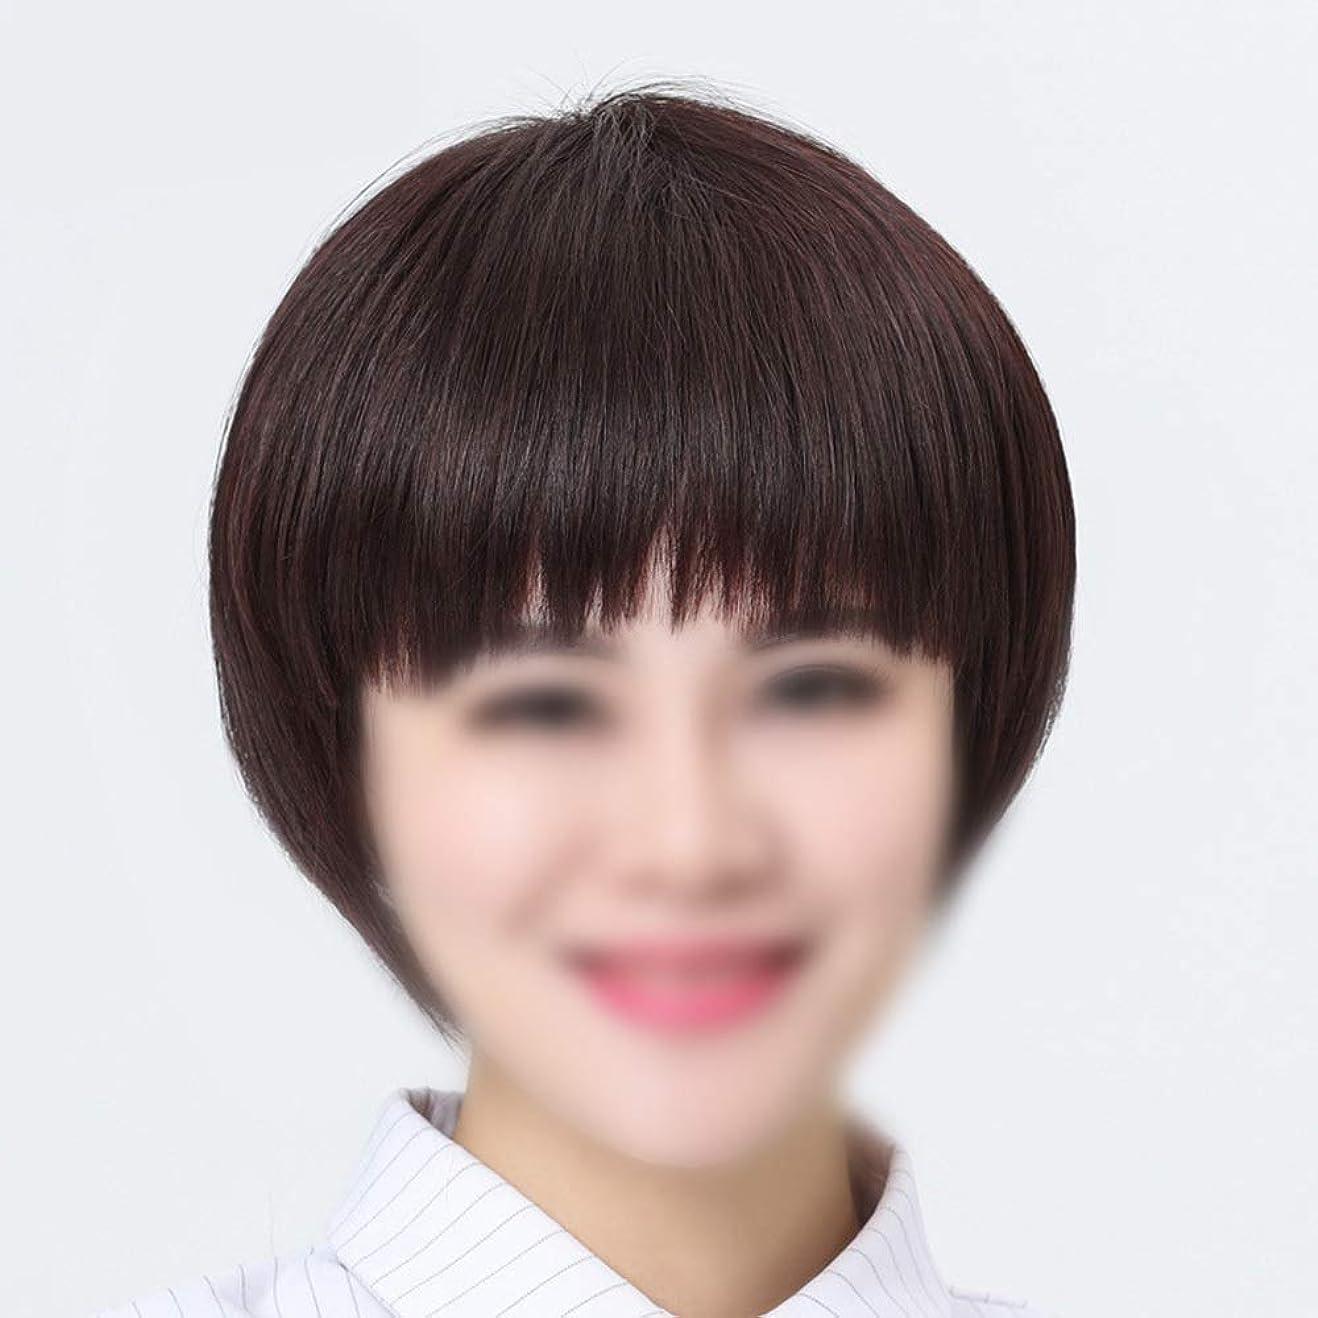 選出する切断する電報BOBIDYEE 女性の短いストレートヘア中年のかつら本物の髪の女性の母親の髪かつらパーティーのかつら (Color : Natural black, サイズ : Mechanism)